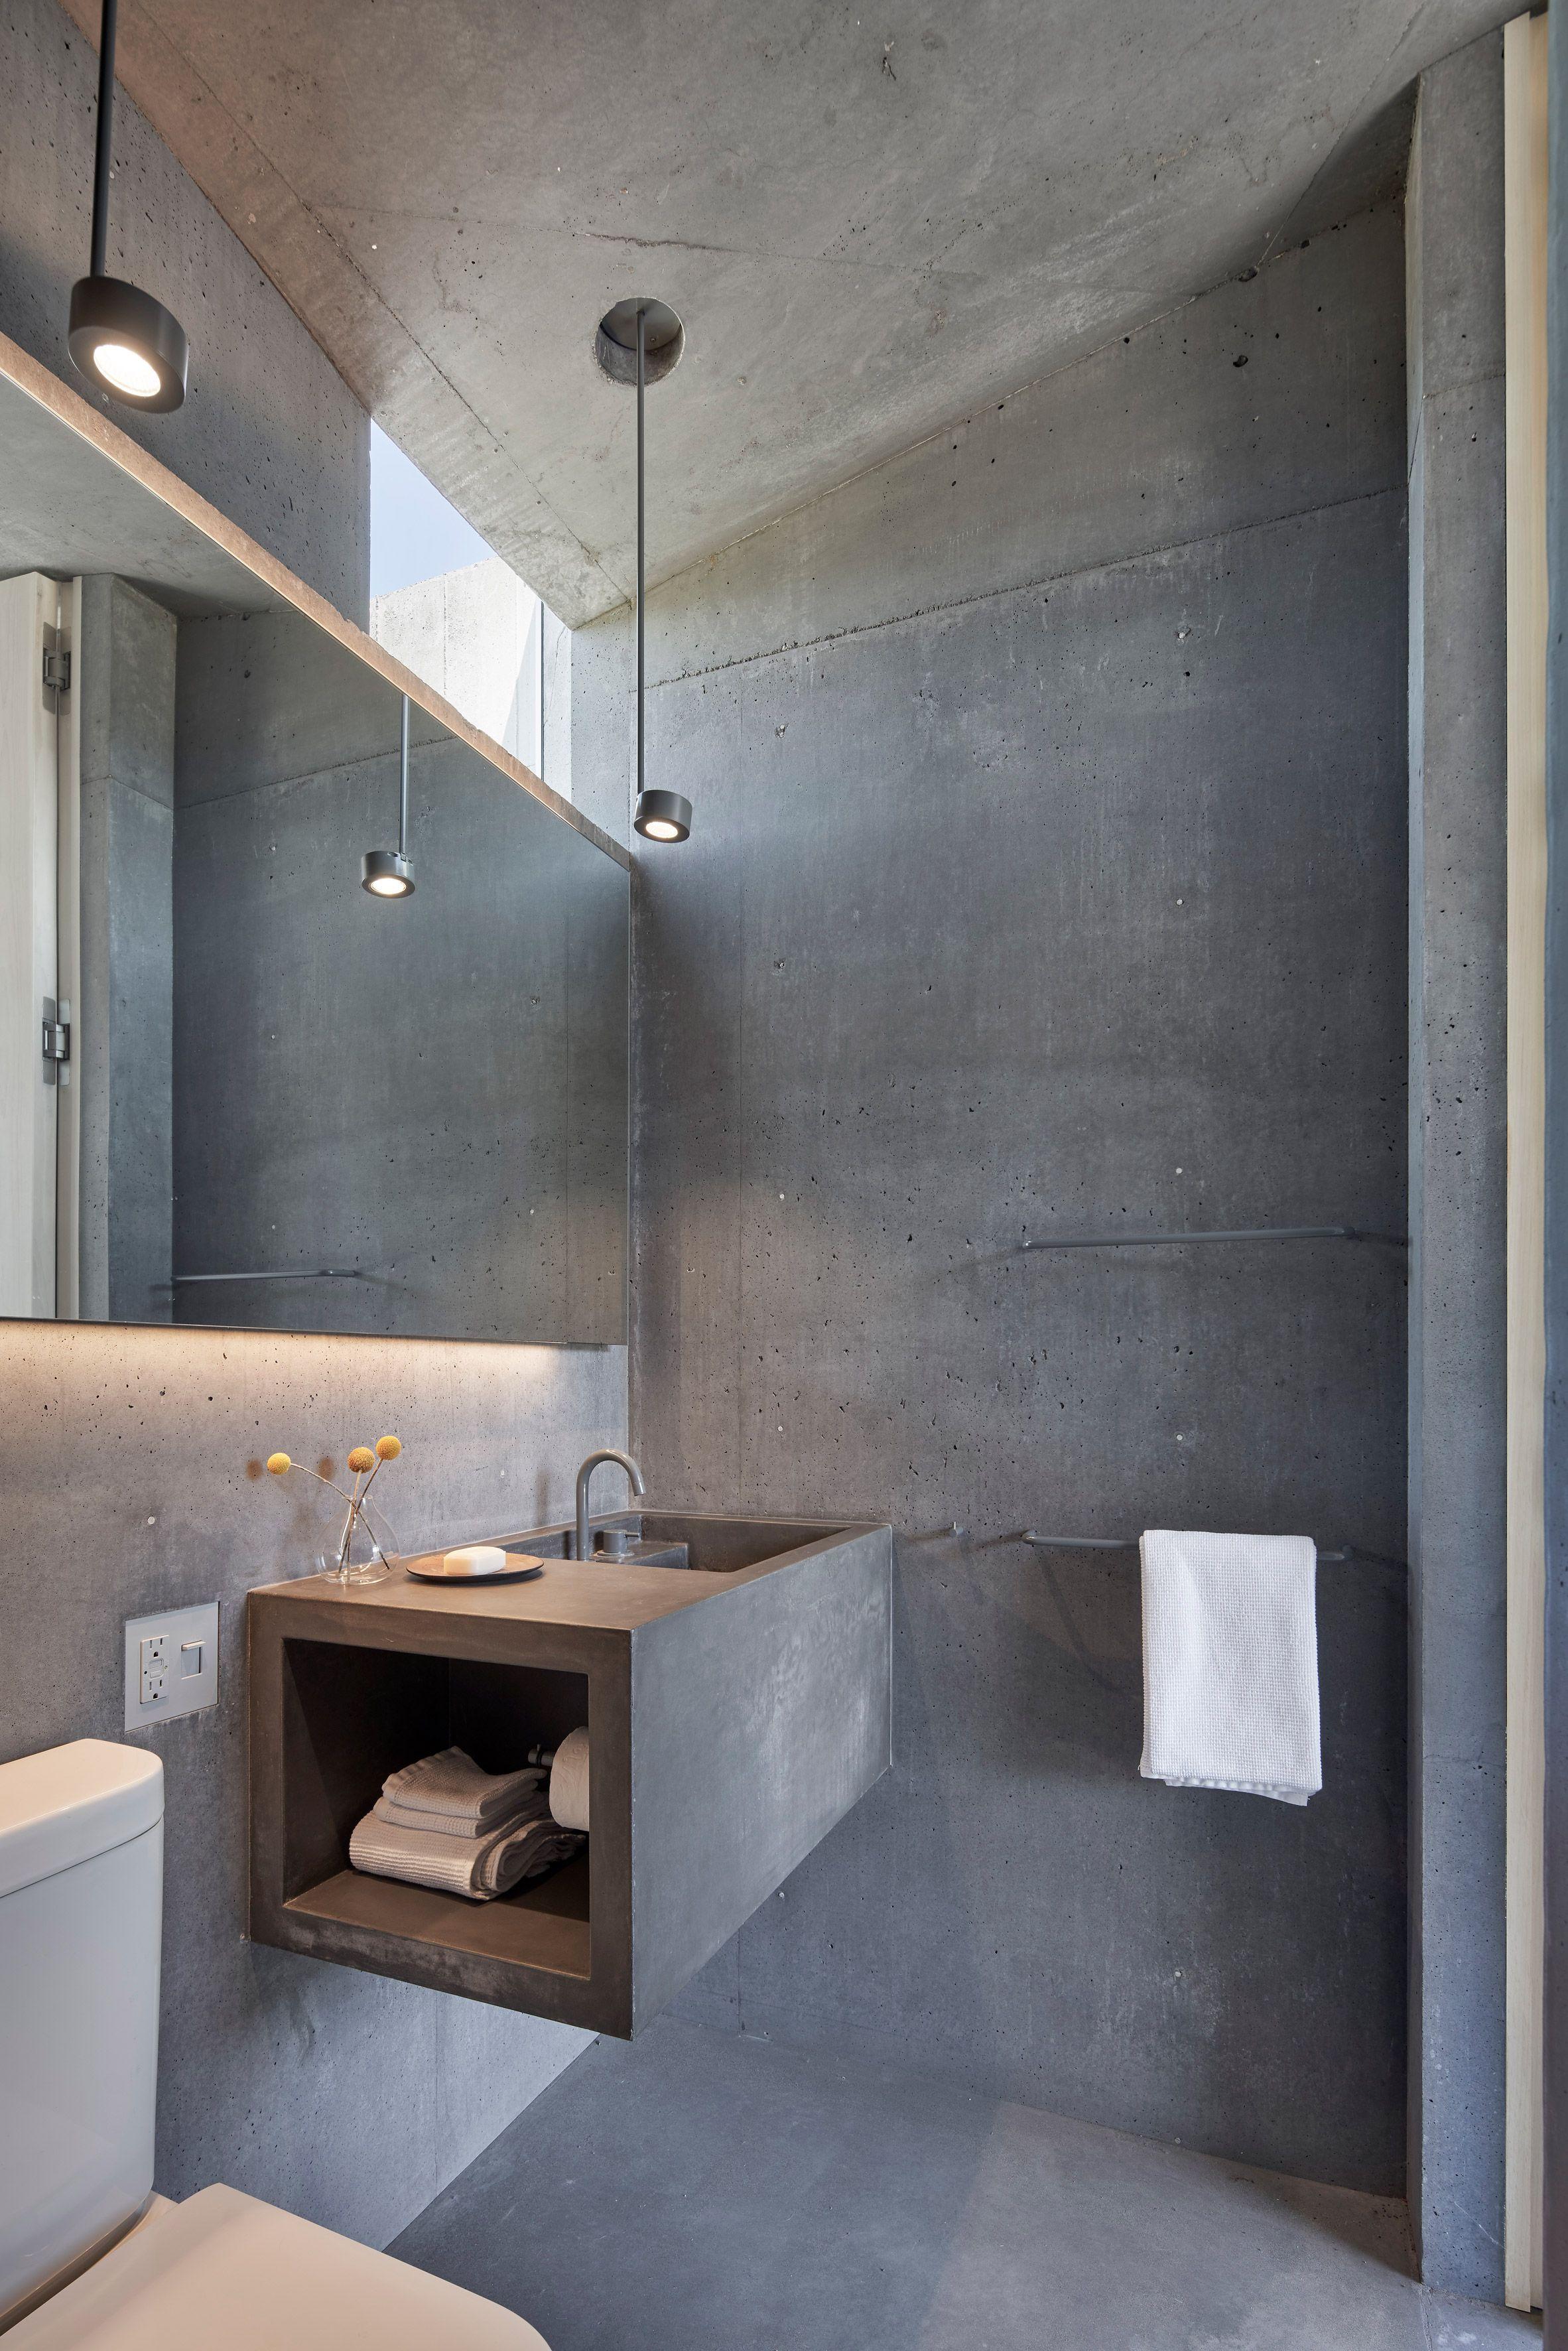 Fliesen Und Badezimmer Planung Im Neubau Badezimmer Grundriss Moderne Kleine Bader Und Badezimmer